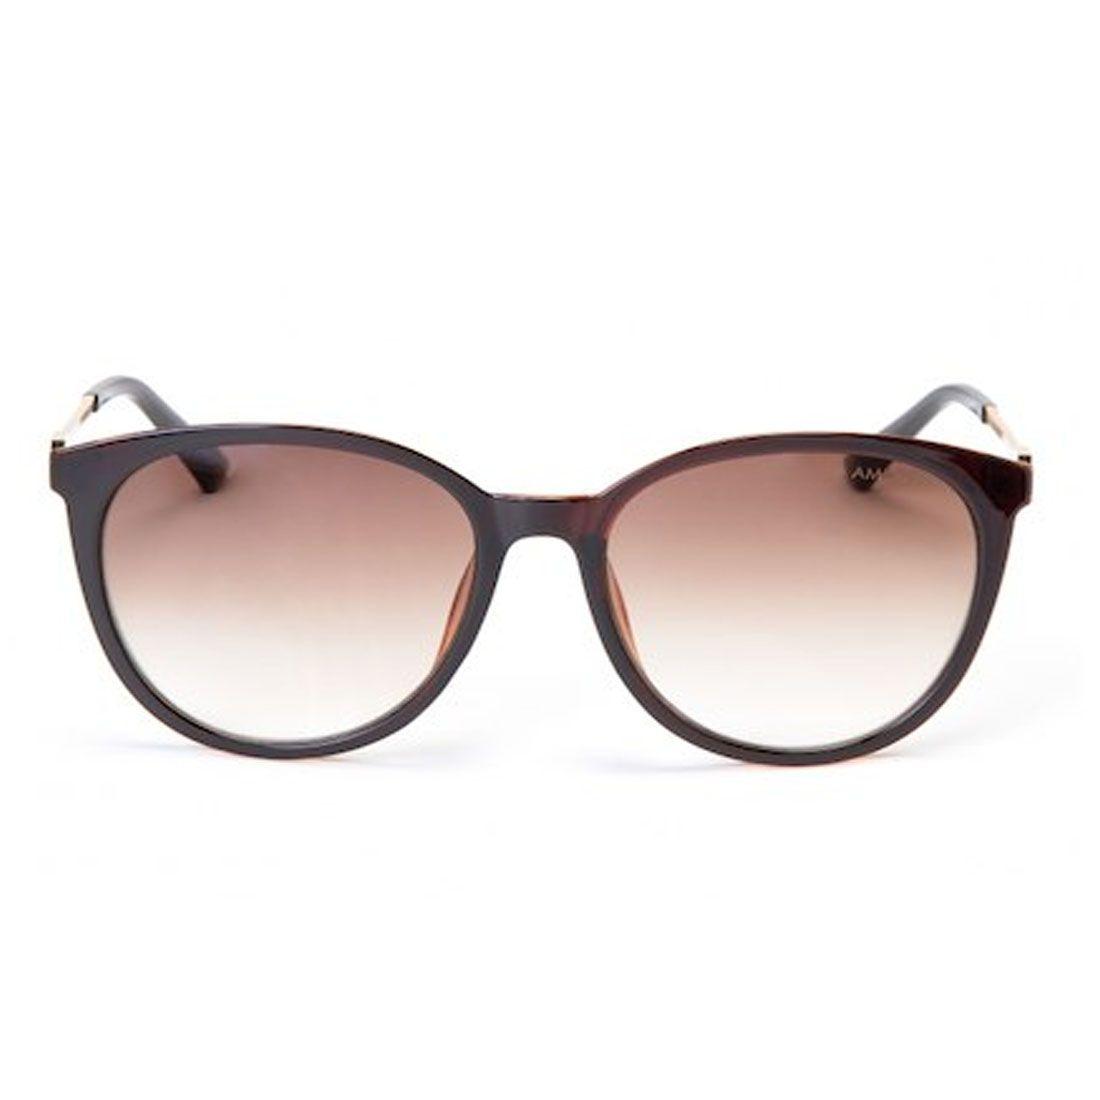 061e54189ec34 Óculos de Sol Amaro Coleção de Sol D-Frame Marrom